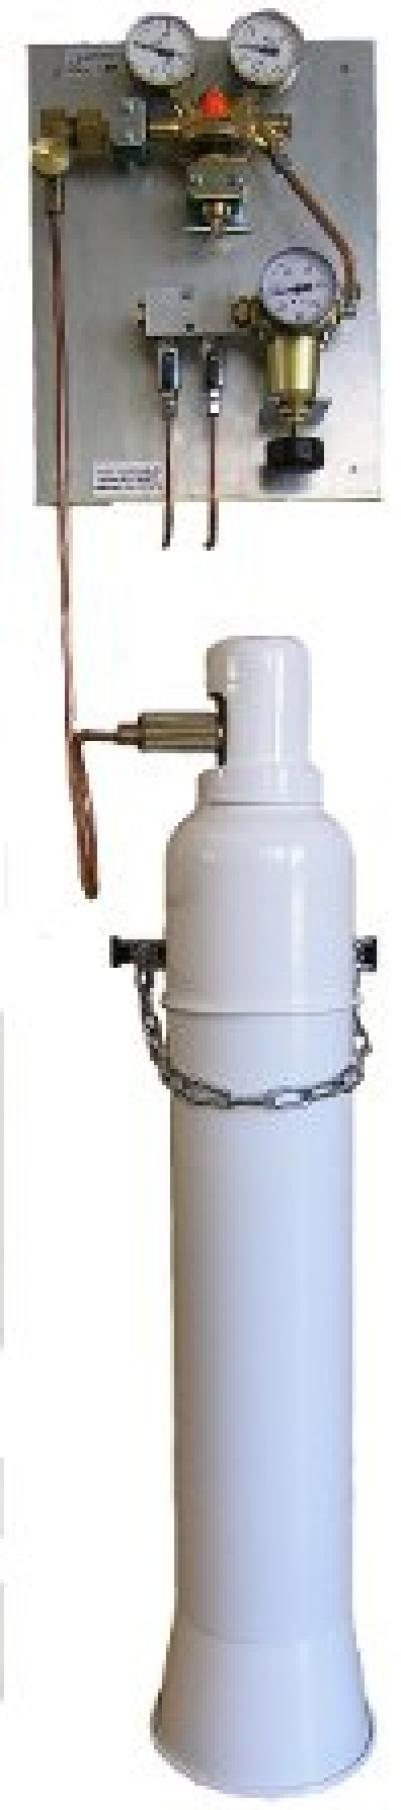 Кислородное оборудование Baldus (2 форсунки)